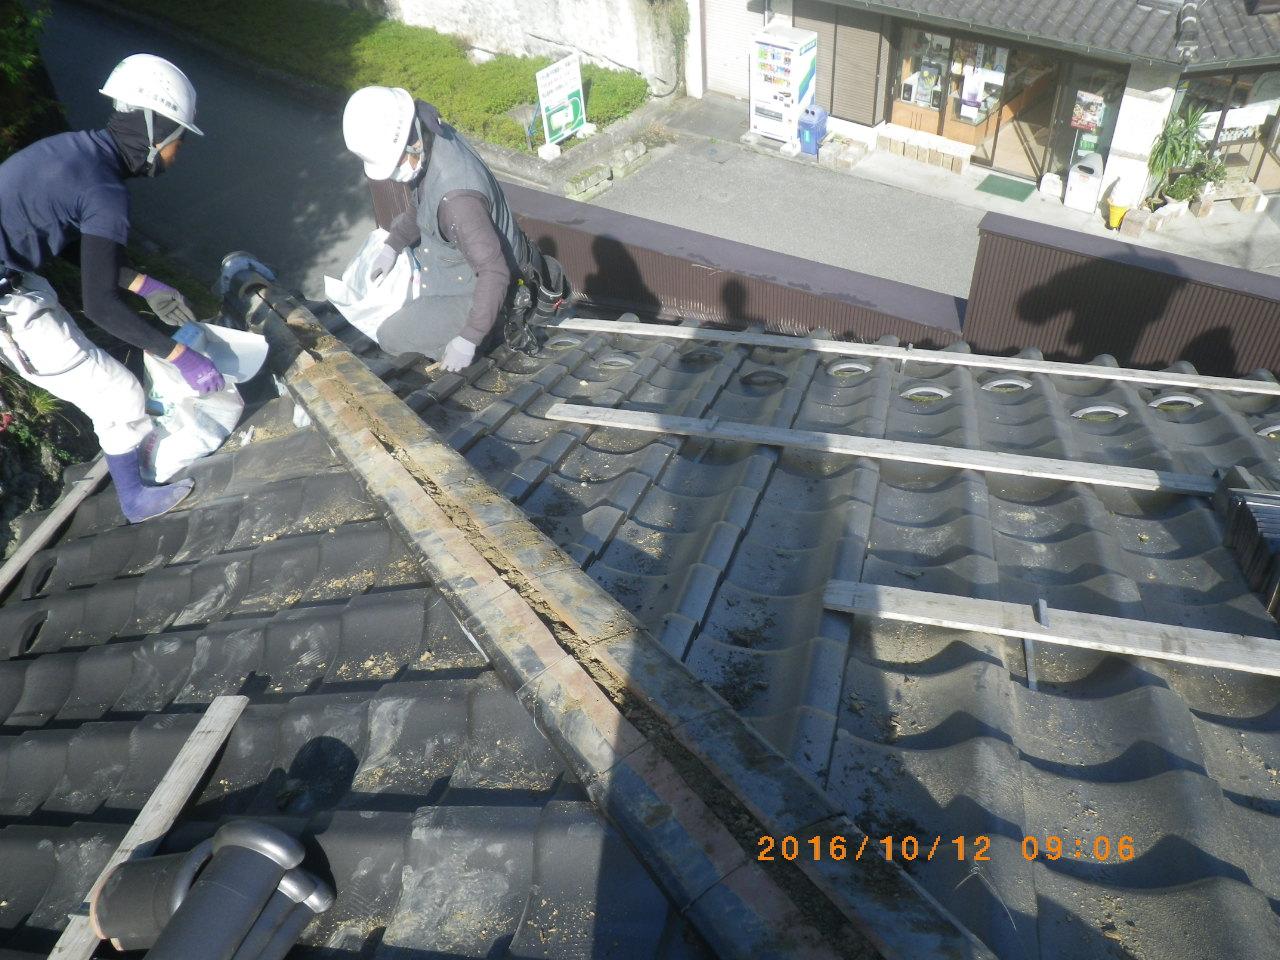 和瓦屋根の棟積直し工事を行います。in宇都宮市